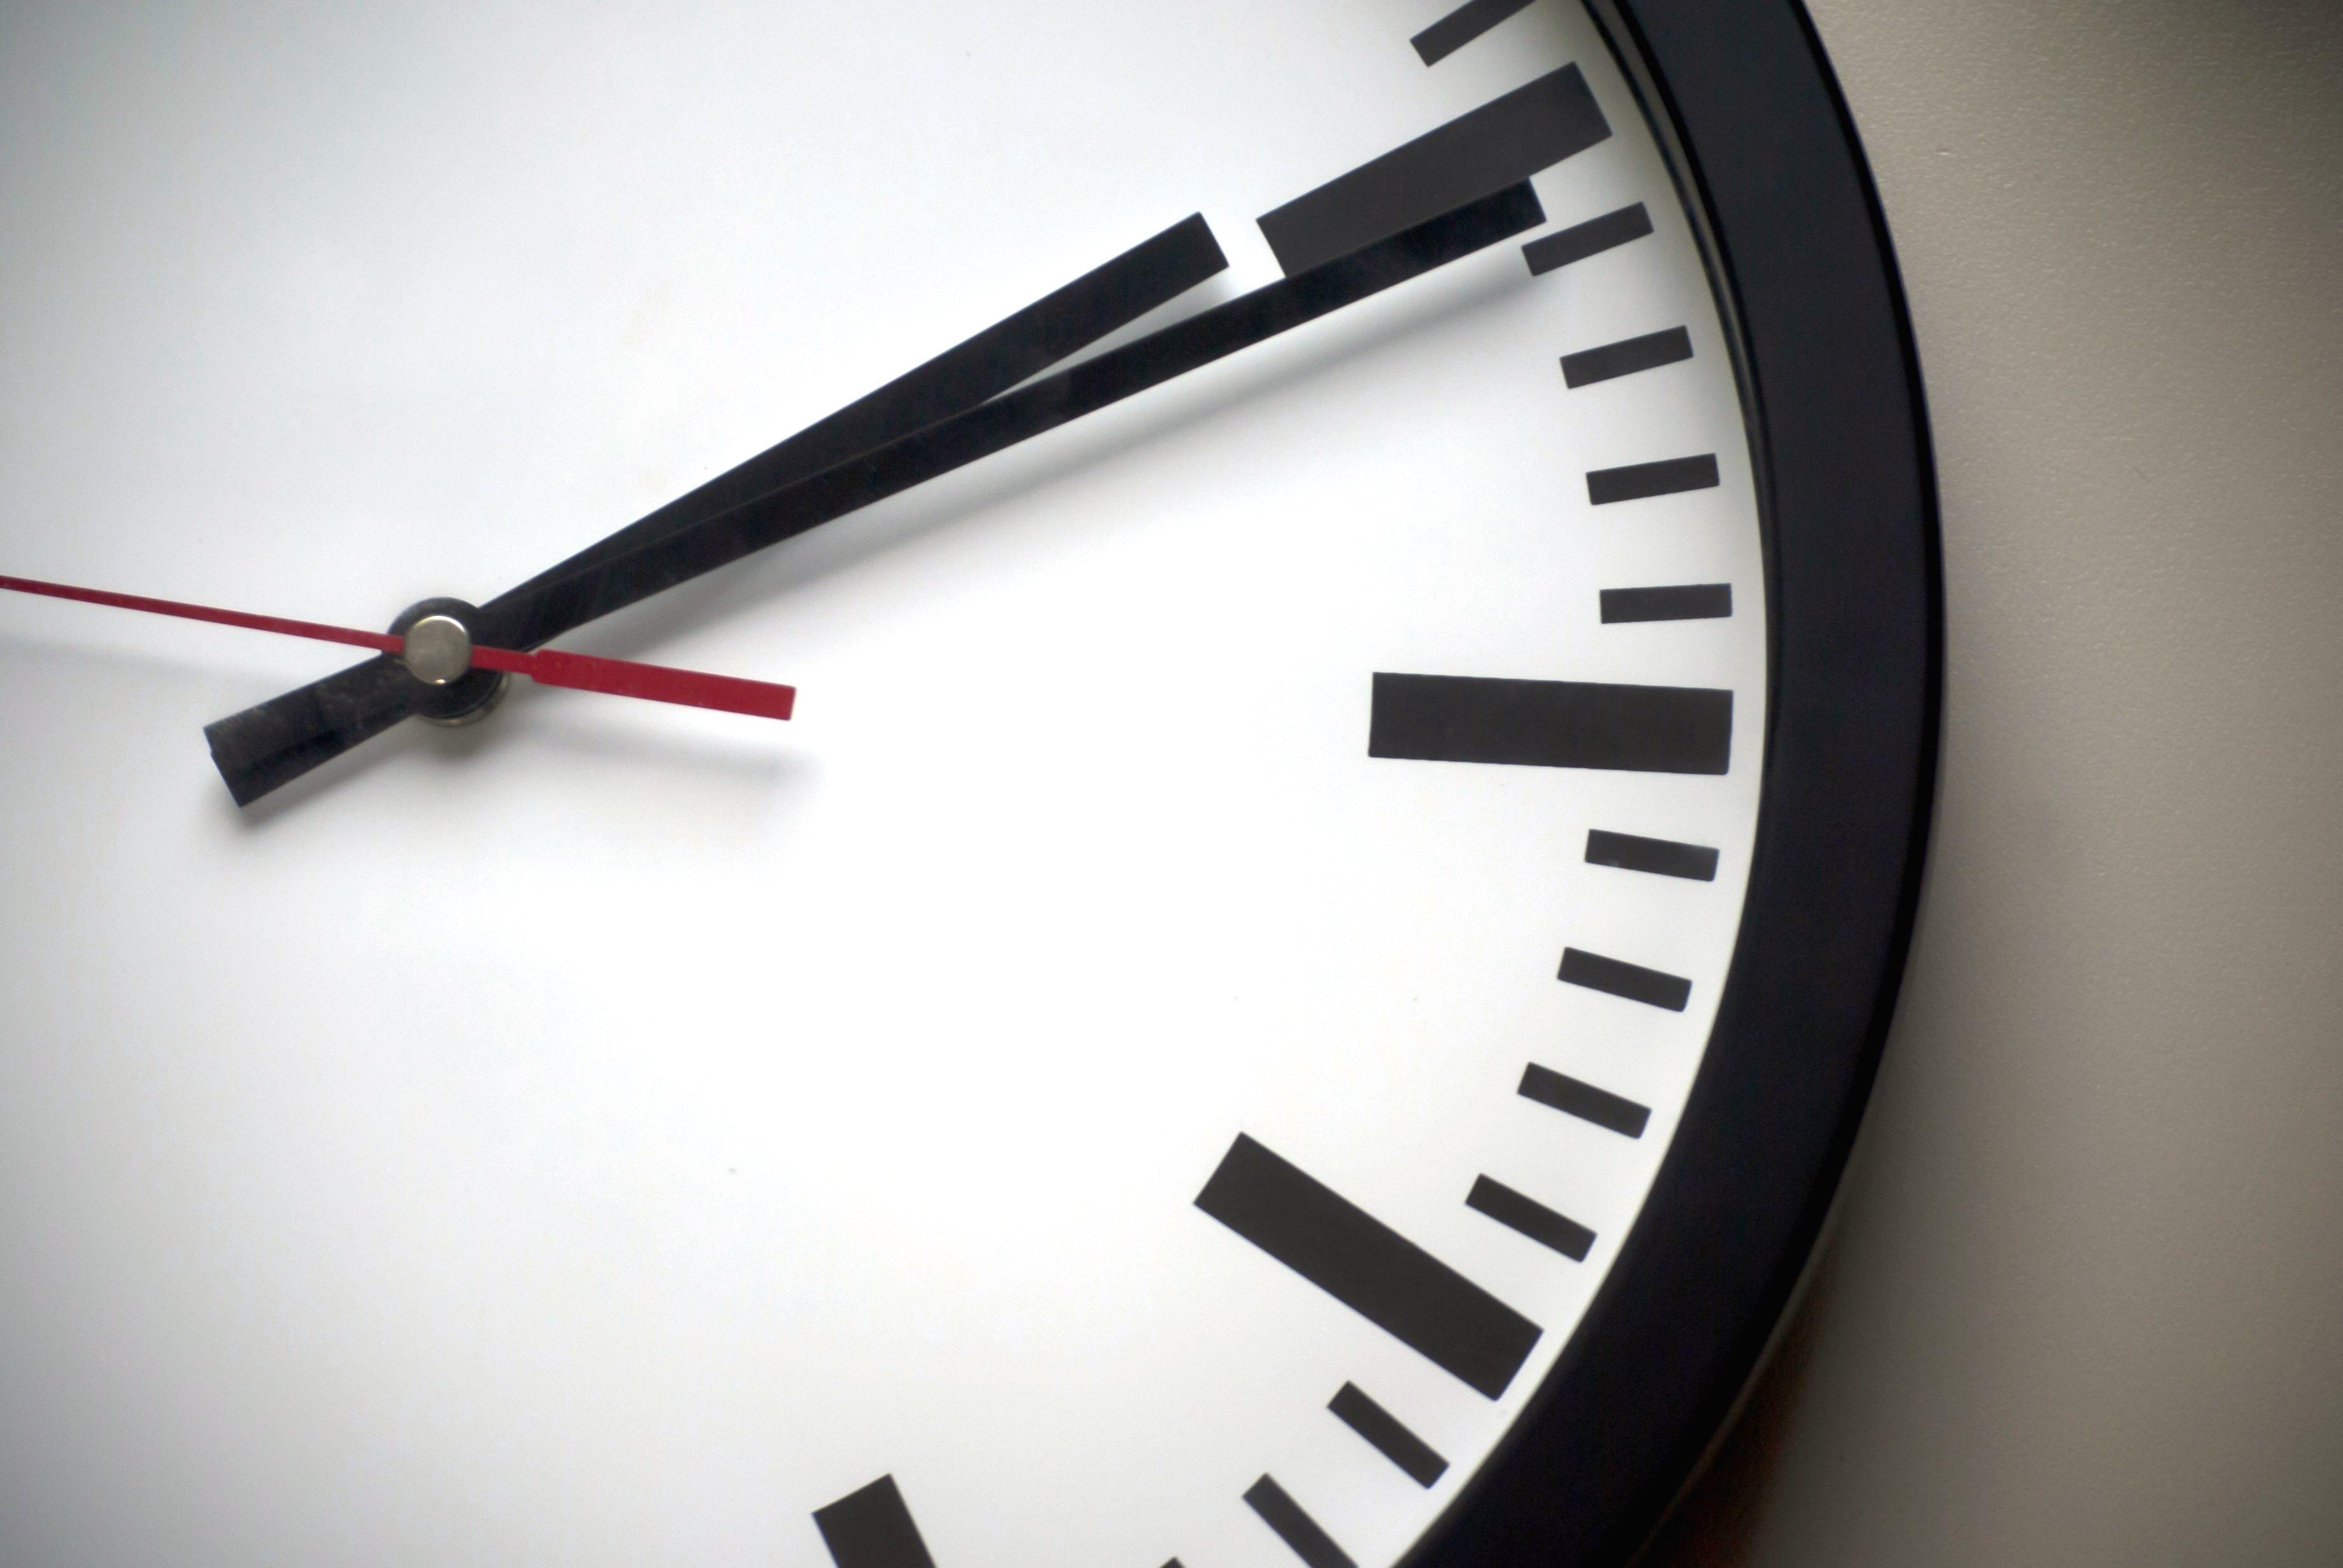 ¿Qué tres estrategias nos pueden ayudar a gestionar el tiempo adecuadamente?